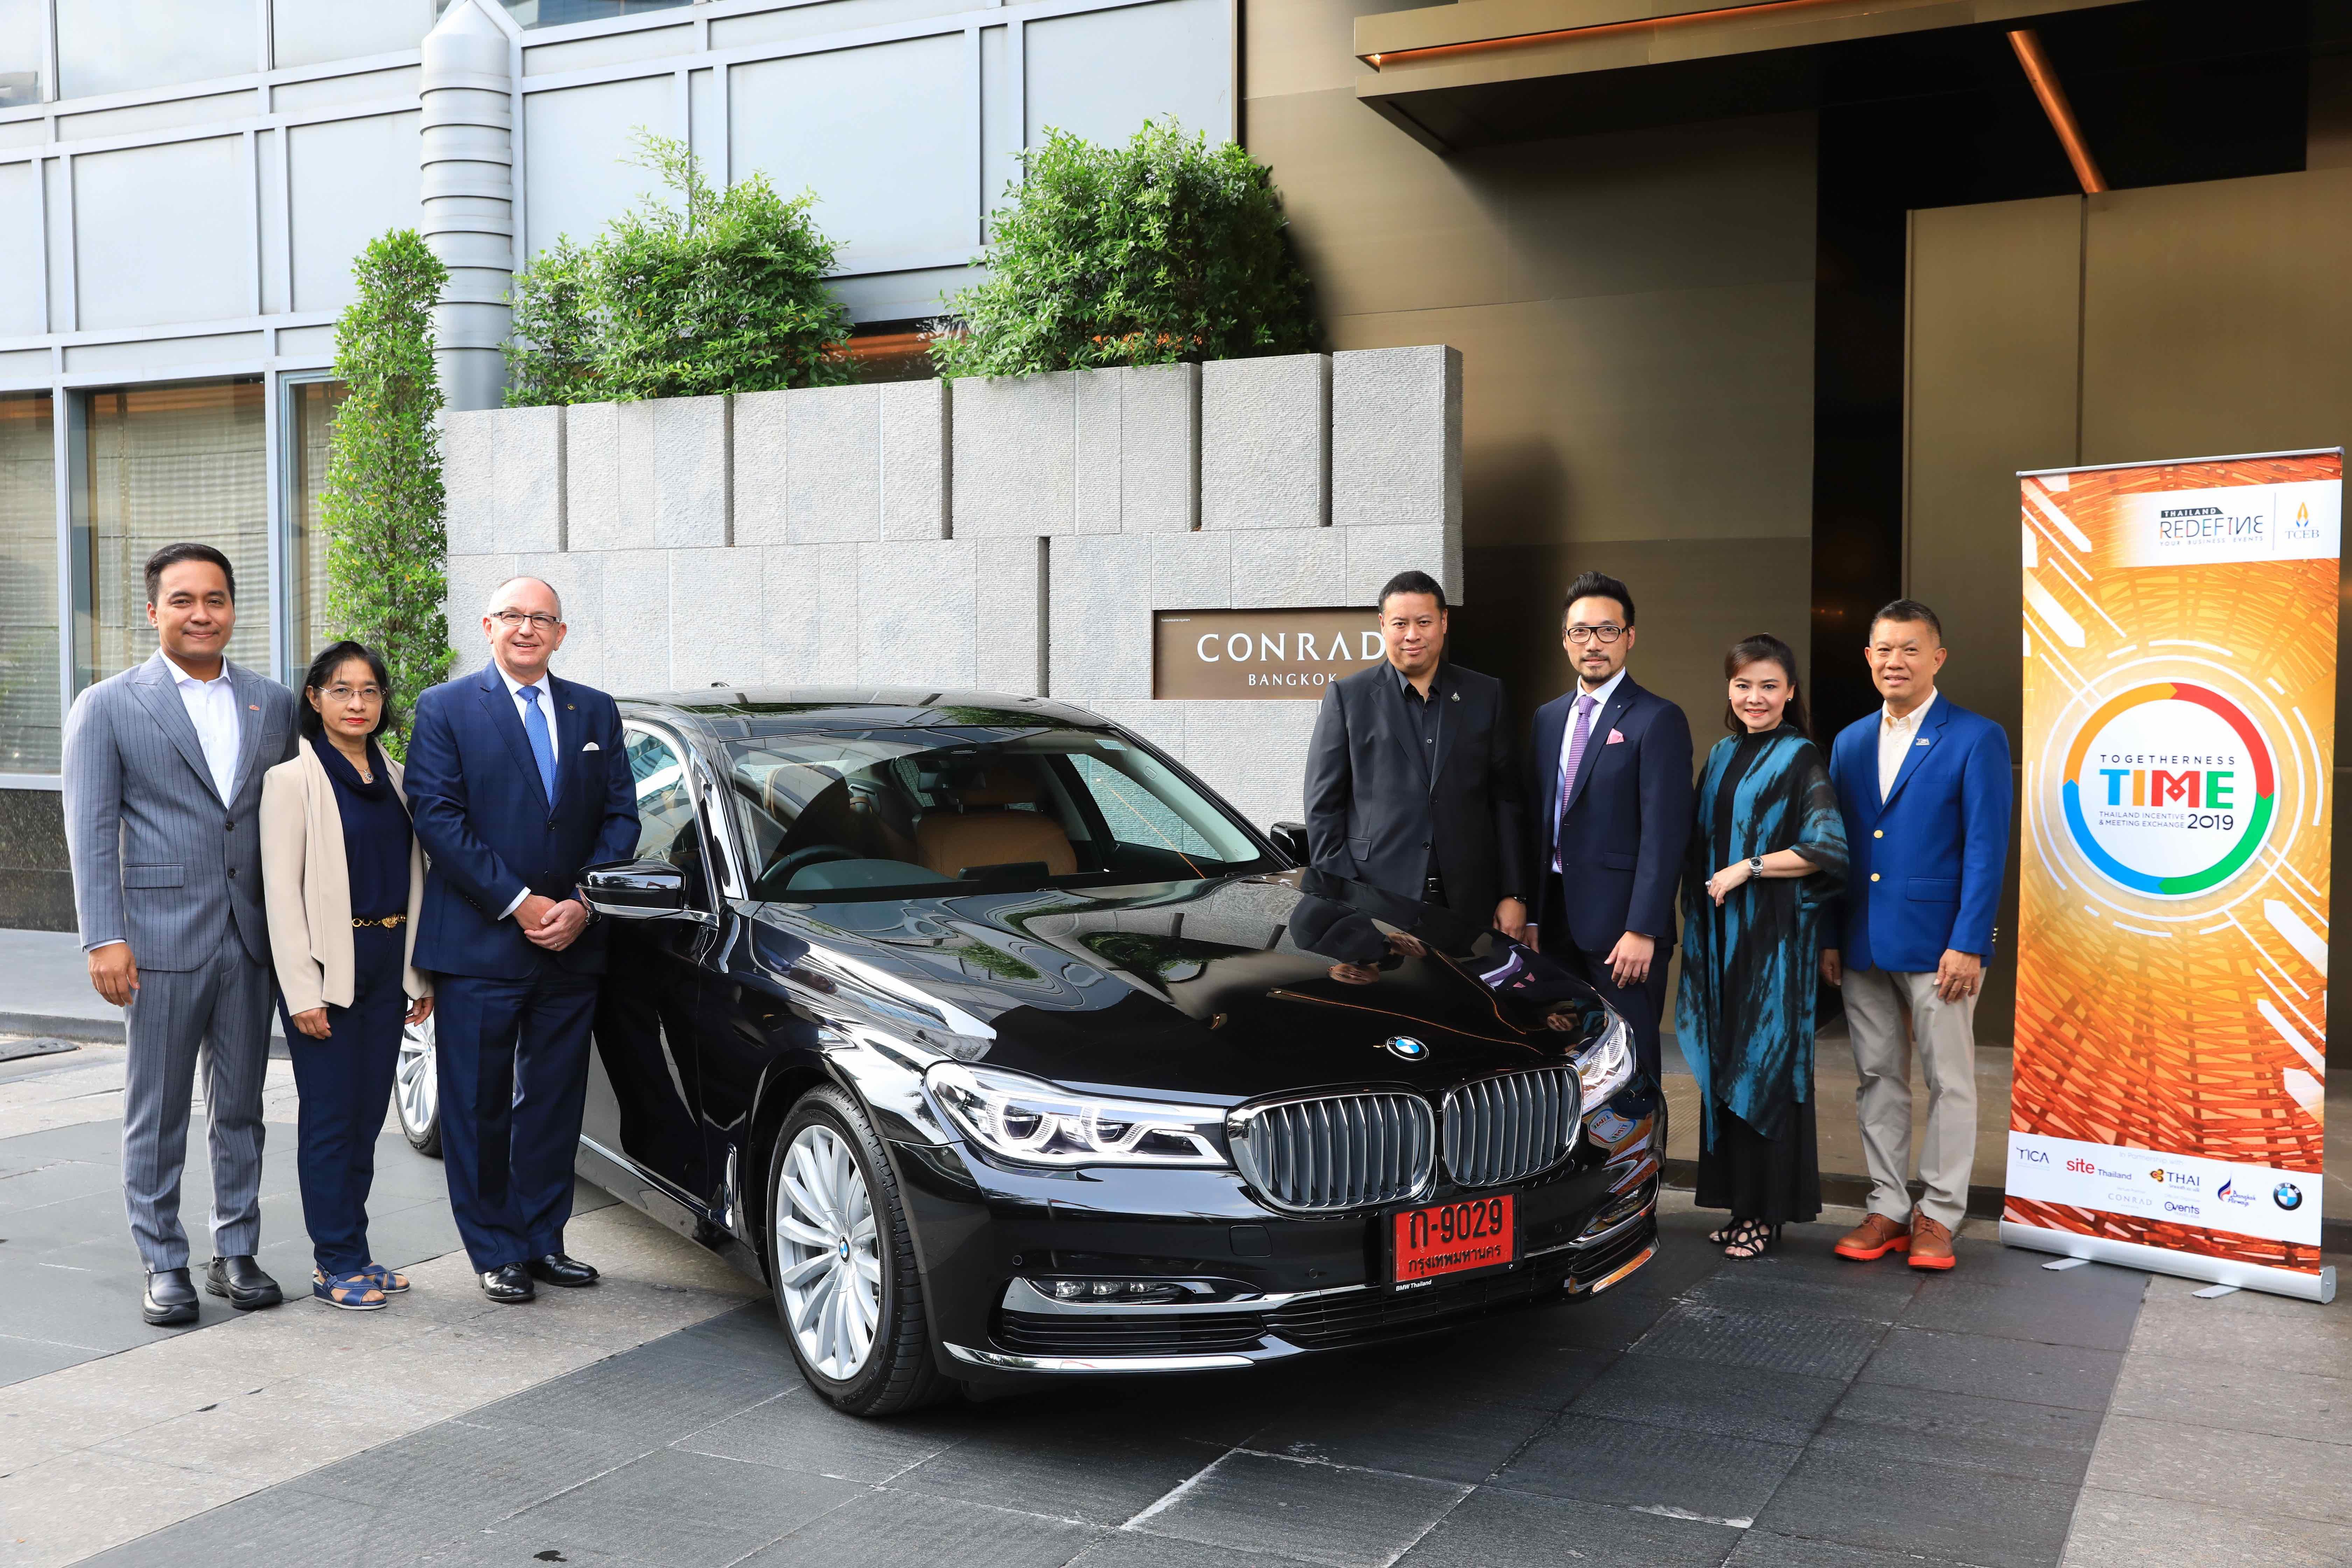 บีเอ็มดับเบิลยู ประเทศไทย ร่วมสนับสนุนงาน TIME 2019 บริการพันธมิตรที่มาร่วมงานด้วยรถรับส่งระดับพรีเมียม บีเอ็มดับเบิลยู ซีรี่ส์ 5 และซีรี่ส์ 7